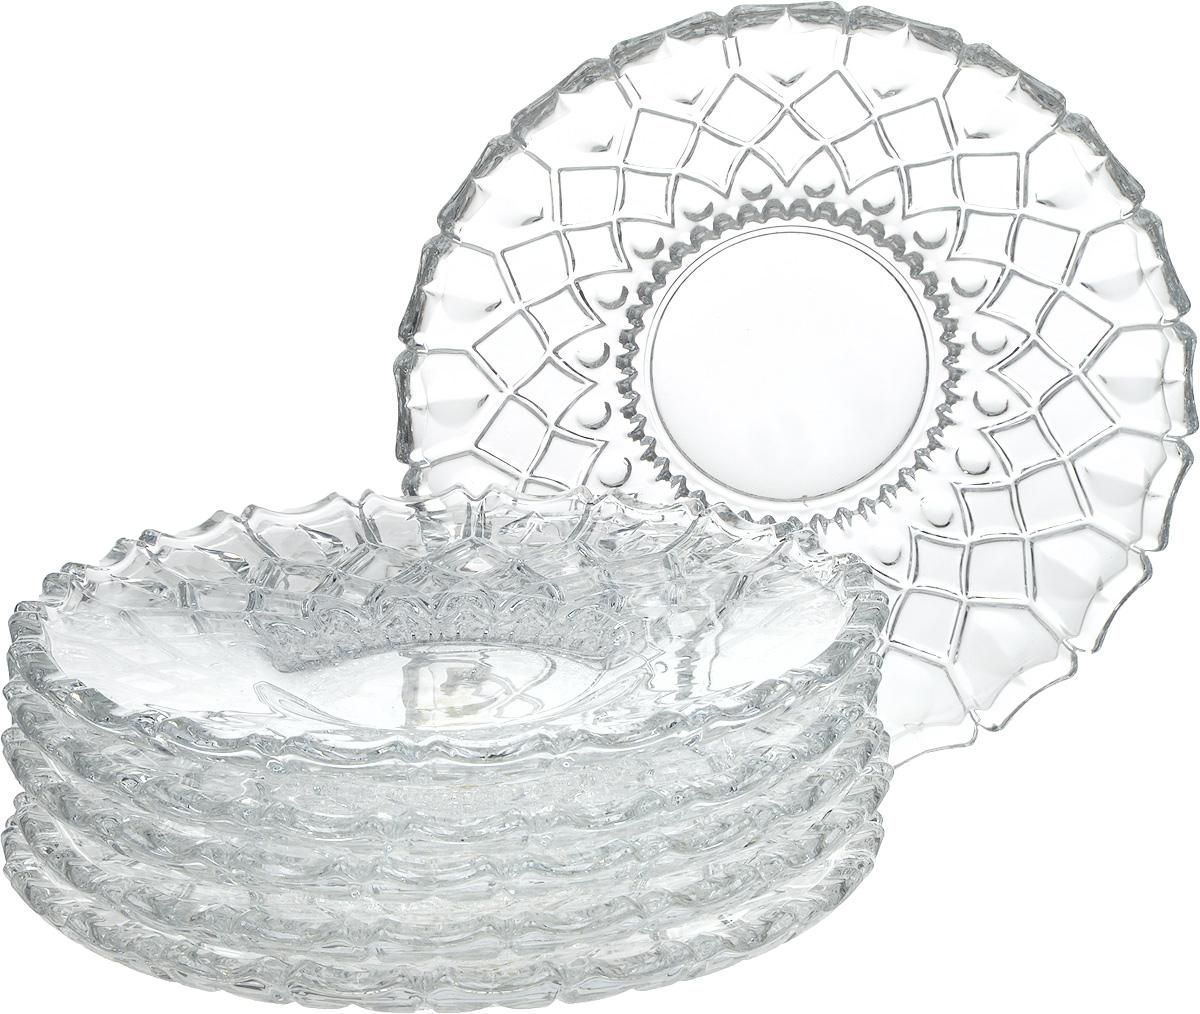 Набор блюд Isfahan Paris, диаметр 19 см, 6 шт481001Блюдо на ножке Isfahan Paris, выполненное из высококачественного стекла, оригинальноукрасит праздничный стол и поможет красиво расположить торт или пирог. Блюдо с рифленымикраями установлено на изящную ножку.Такое изделие из иранского боросиликатногостекла - новый тренд на рынке посуды. Оно легче хрусталя, но при этом выглядит достаточнохрустально: те же грани, узоры, преломление света, блики, прозрачность, плавность краев иустойчивость дна.Набор состоит из 6 блюд.